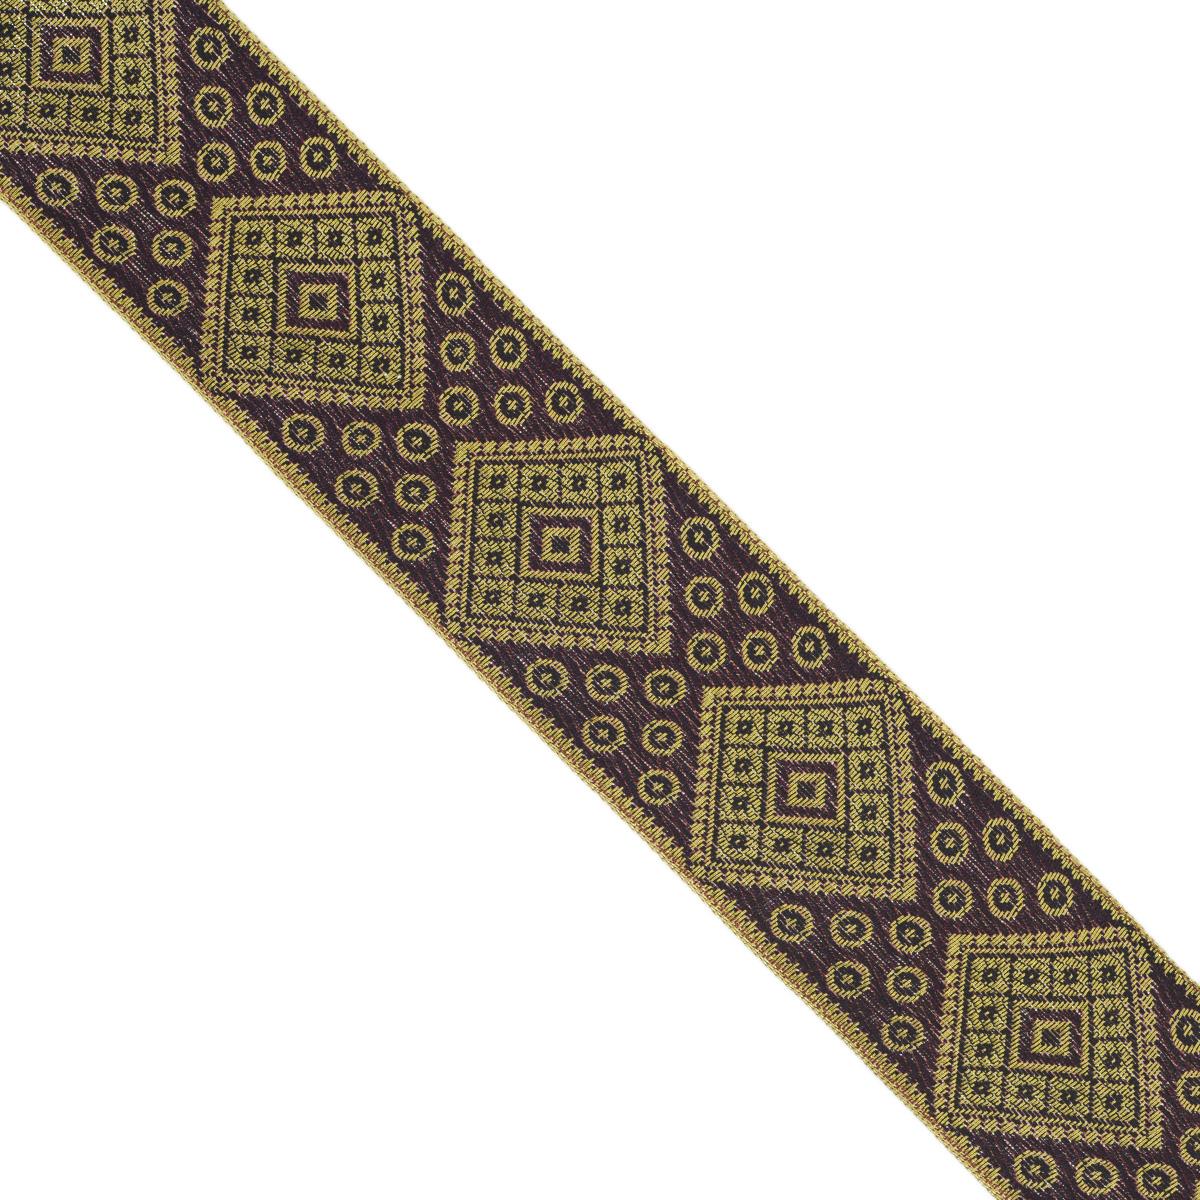 Тесьма декоративная Астра, цвет: фиолетовый (245), ширина 4 см, длина 9 м. 77034527703452_245Декоративная тесьма Астра выполнена из текстиля и оформлена оригинальным жаккардовым орнаментом. Такая тесьма идеально подойдет для оформления различных творческих работ таких, как скрапбукинг, аппликация, декор коробок и открыток и многое другое. Тесьма наивысшего качества и практична в использовании. Она станет незаменимым элементом в создании рукотворного шедевра. Ширина: 4 см. Длина: 9 м.